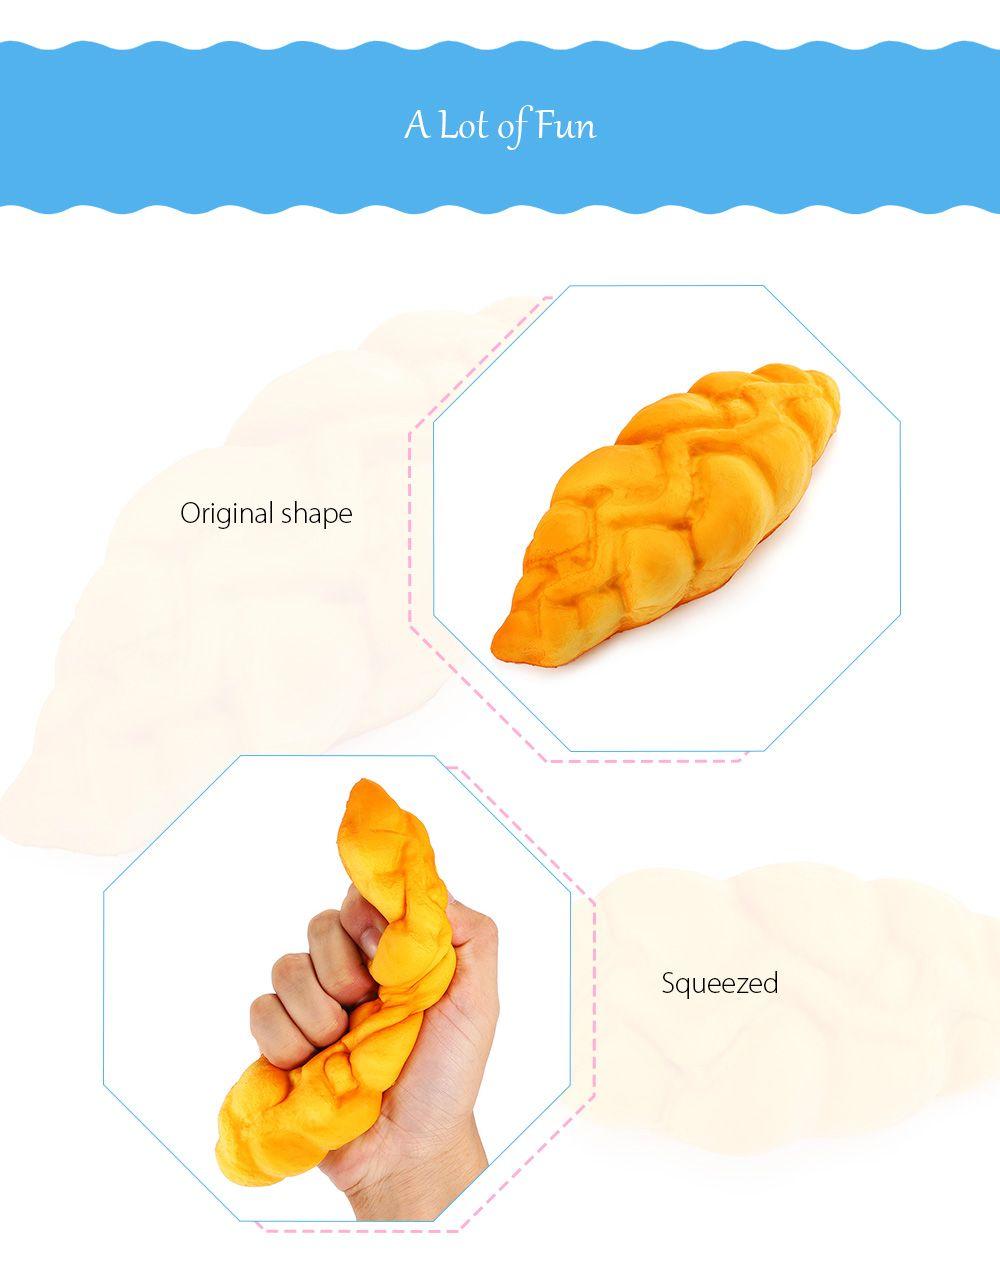 Squishy Toy Decorative PU Simulation Bread Model